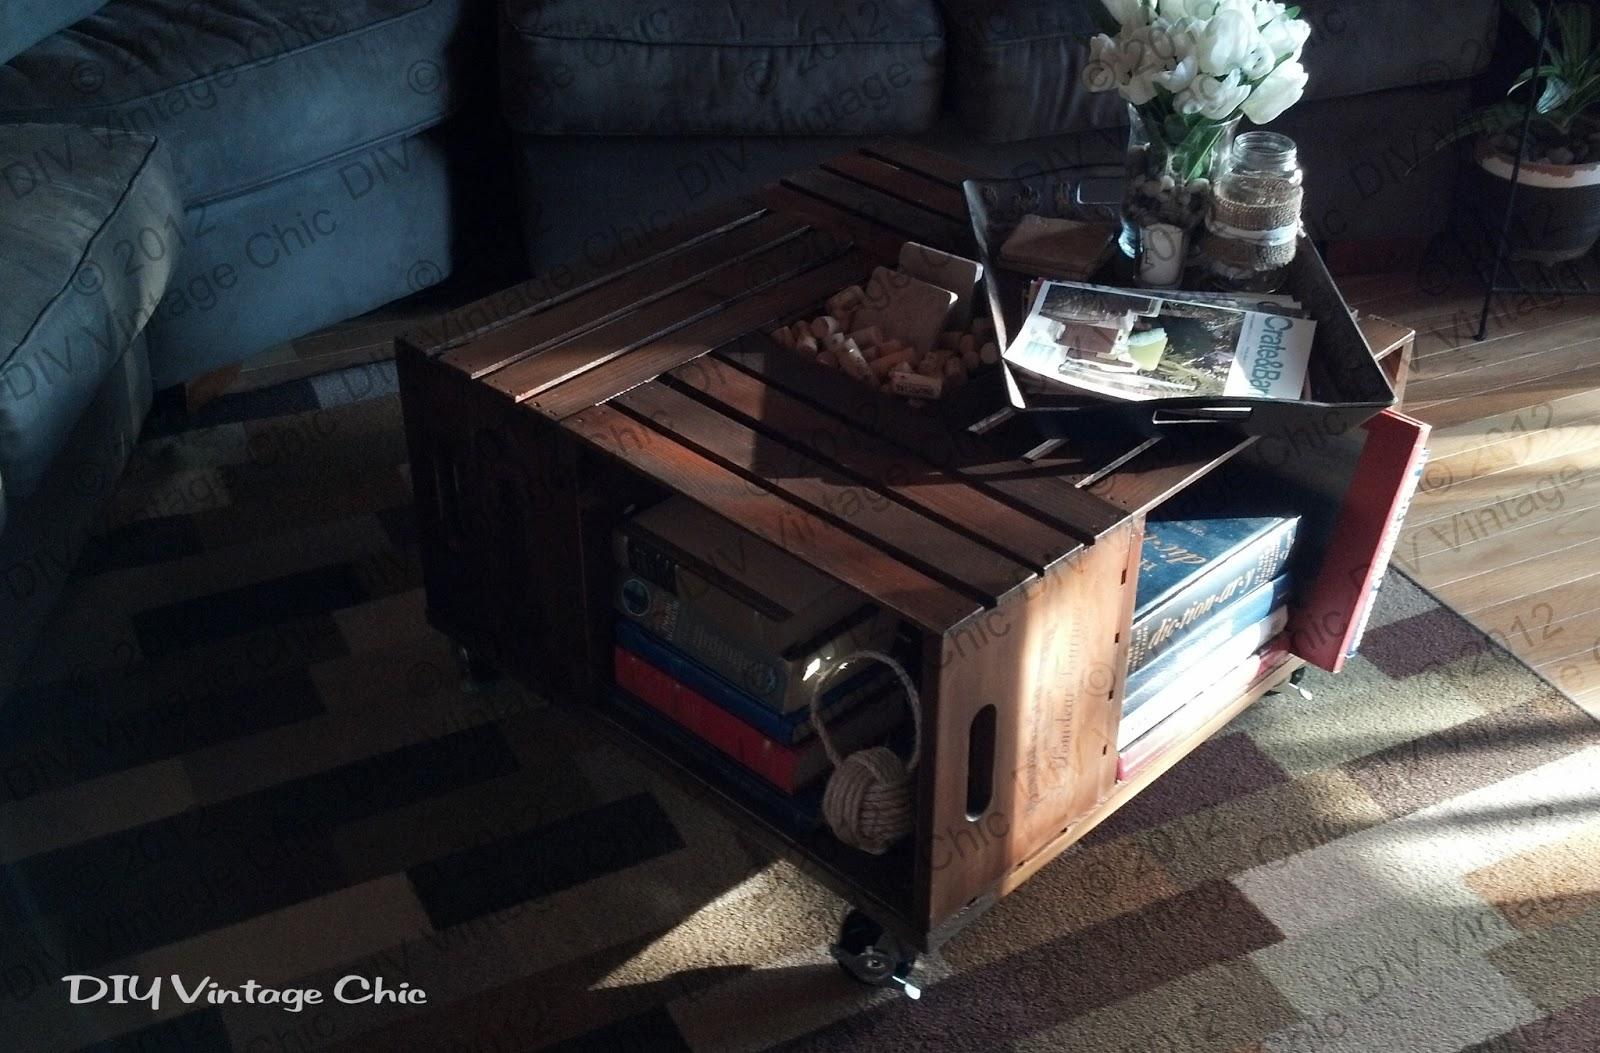 DIY Vintage Chic Vintage Wine Crate Coffee Table